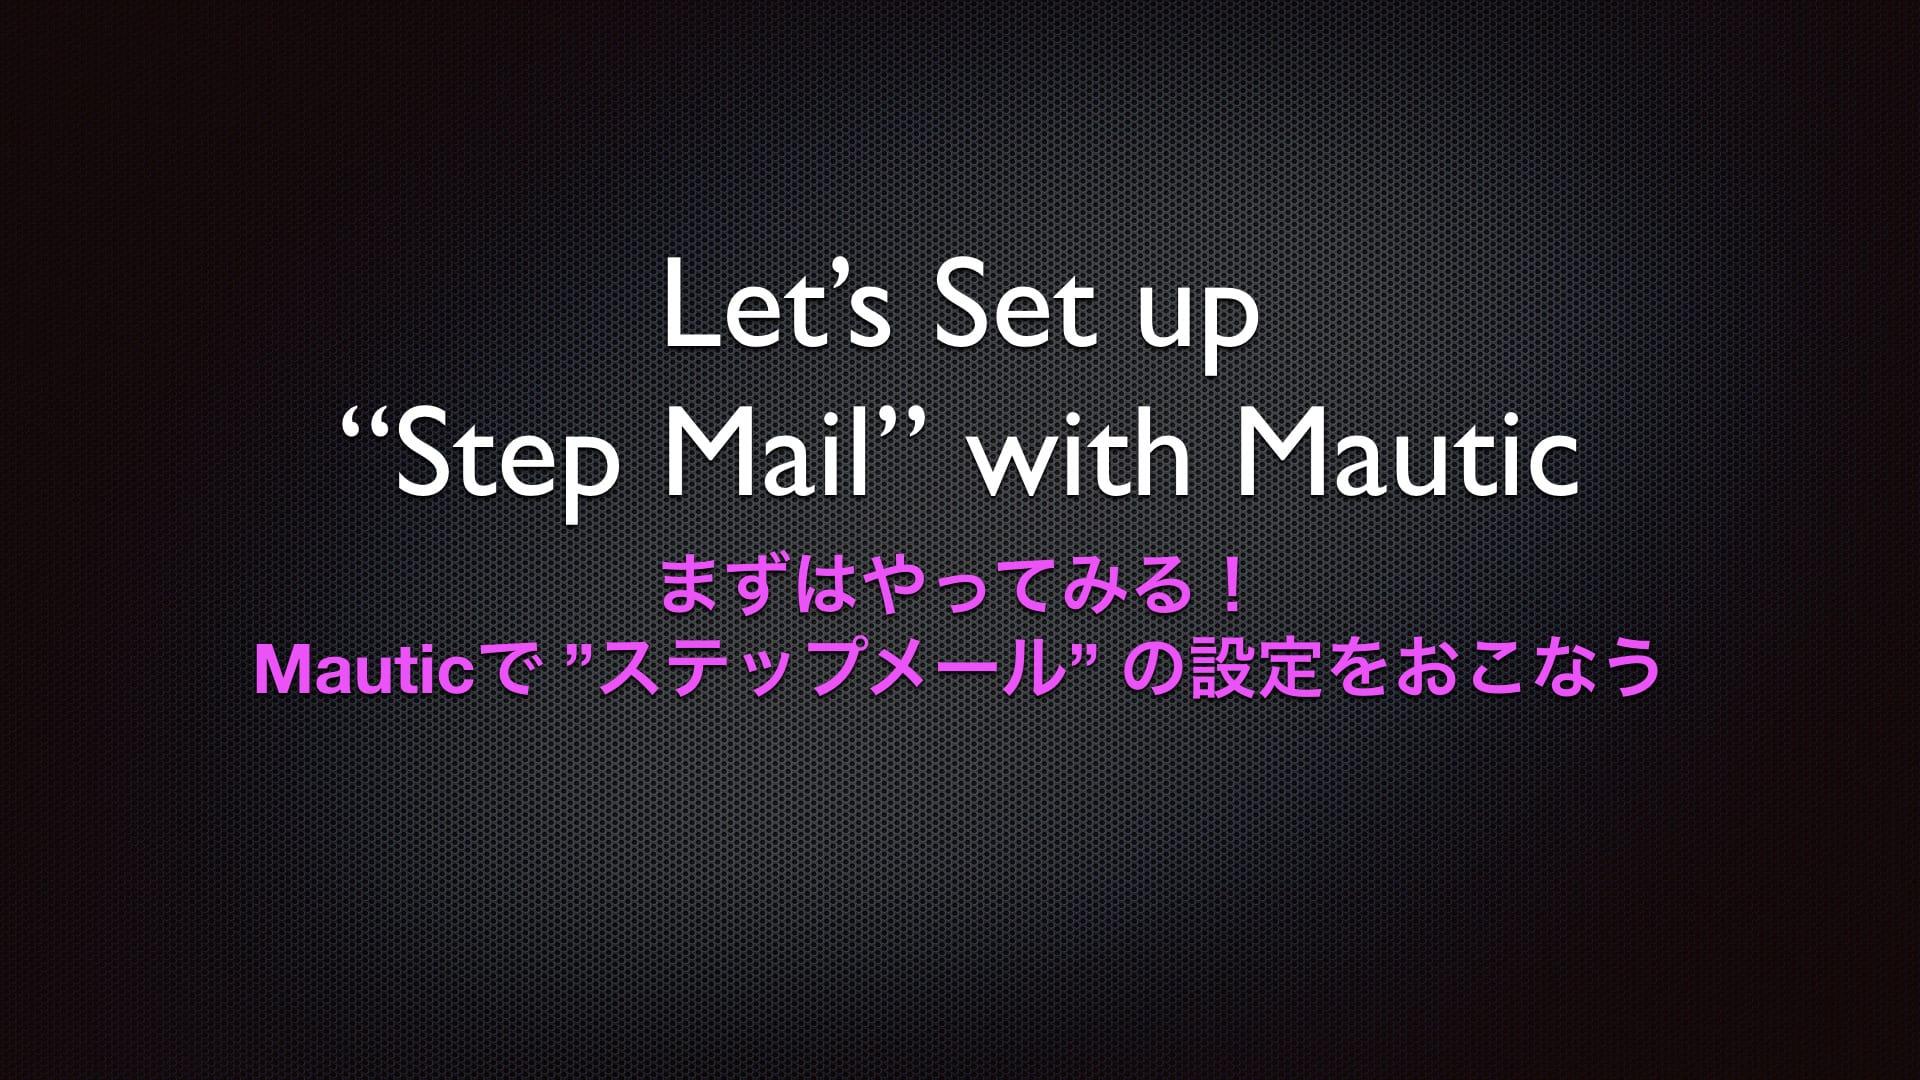 Mauticでステップメールを設定するというのをLTしたので、資料を公開します。